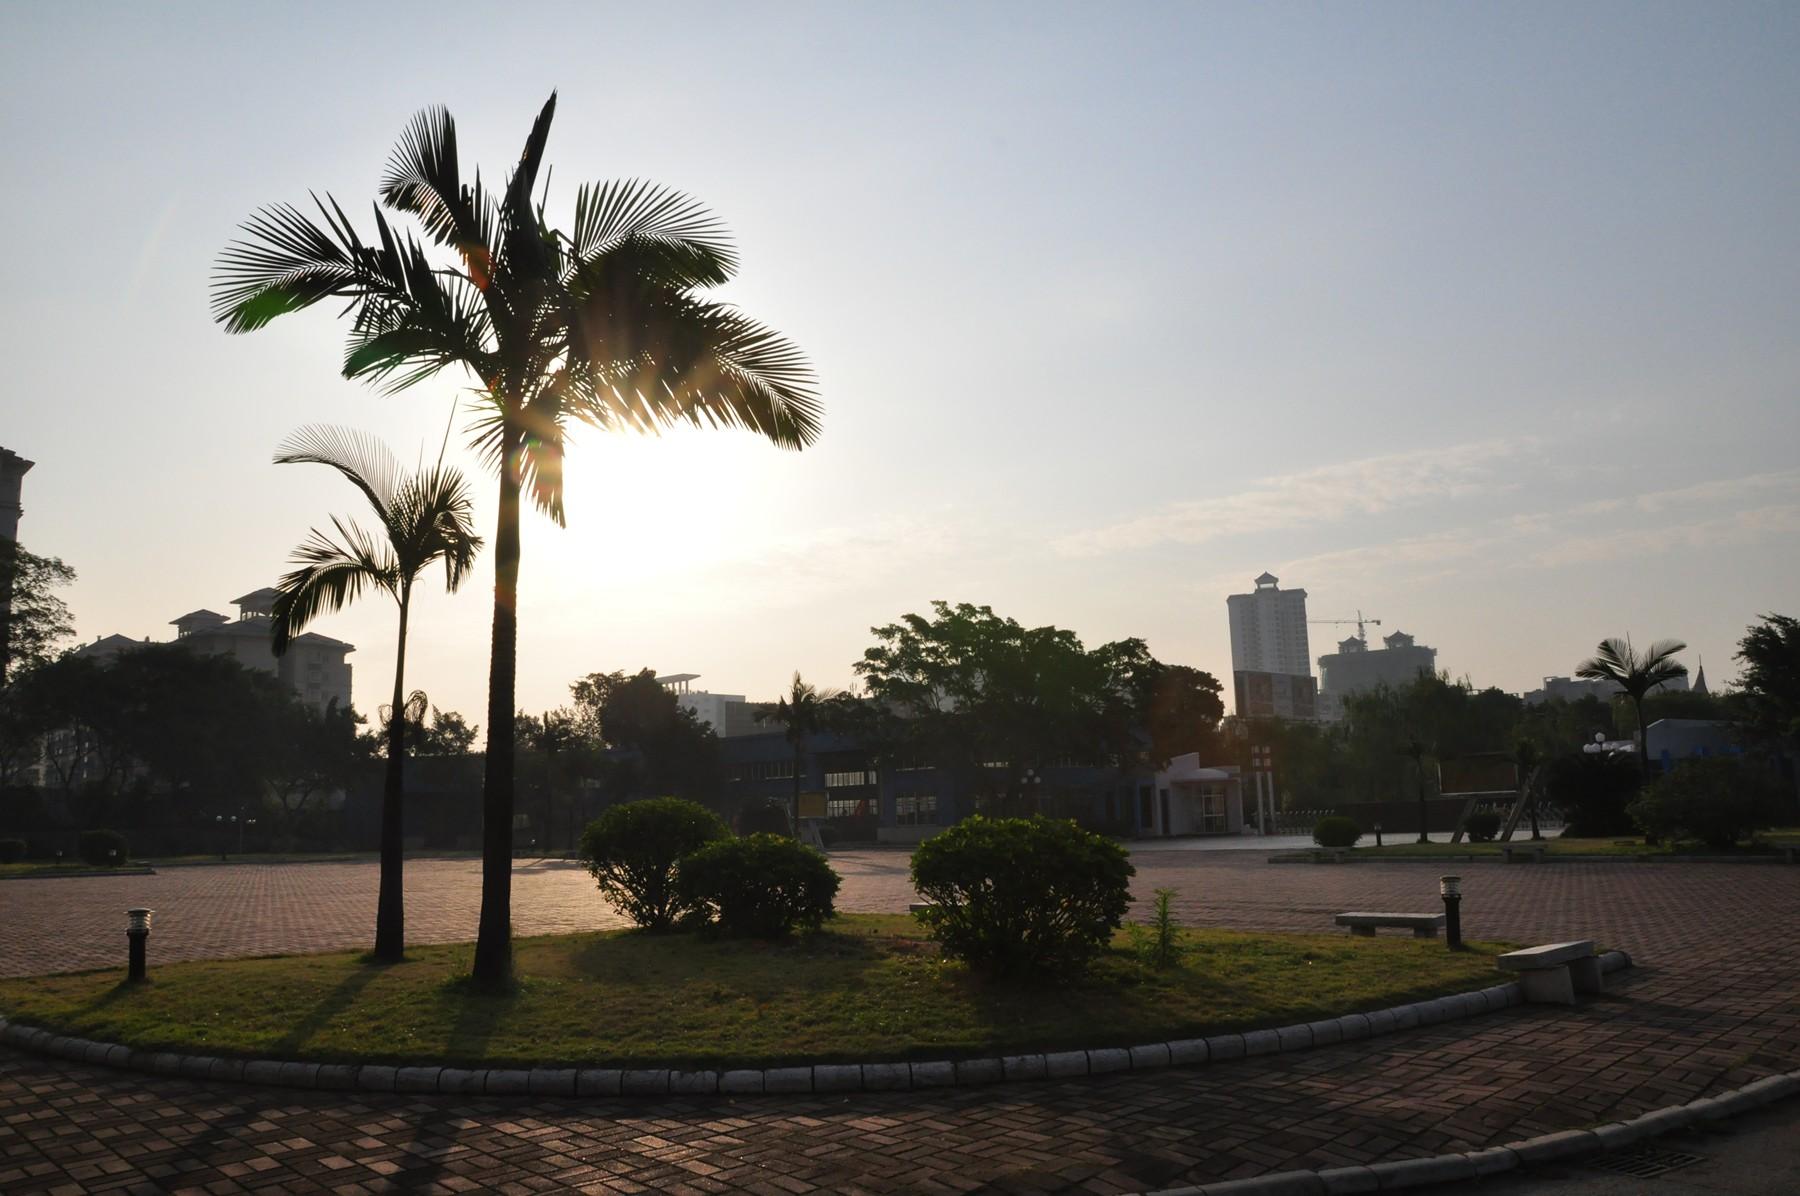 朝阳下的小广场